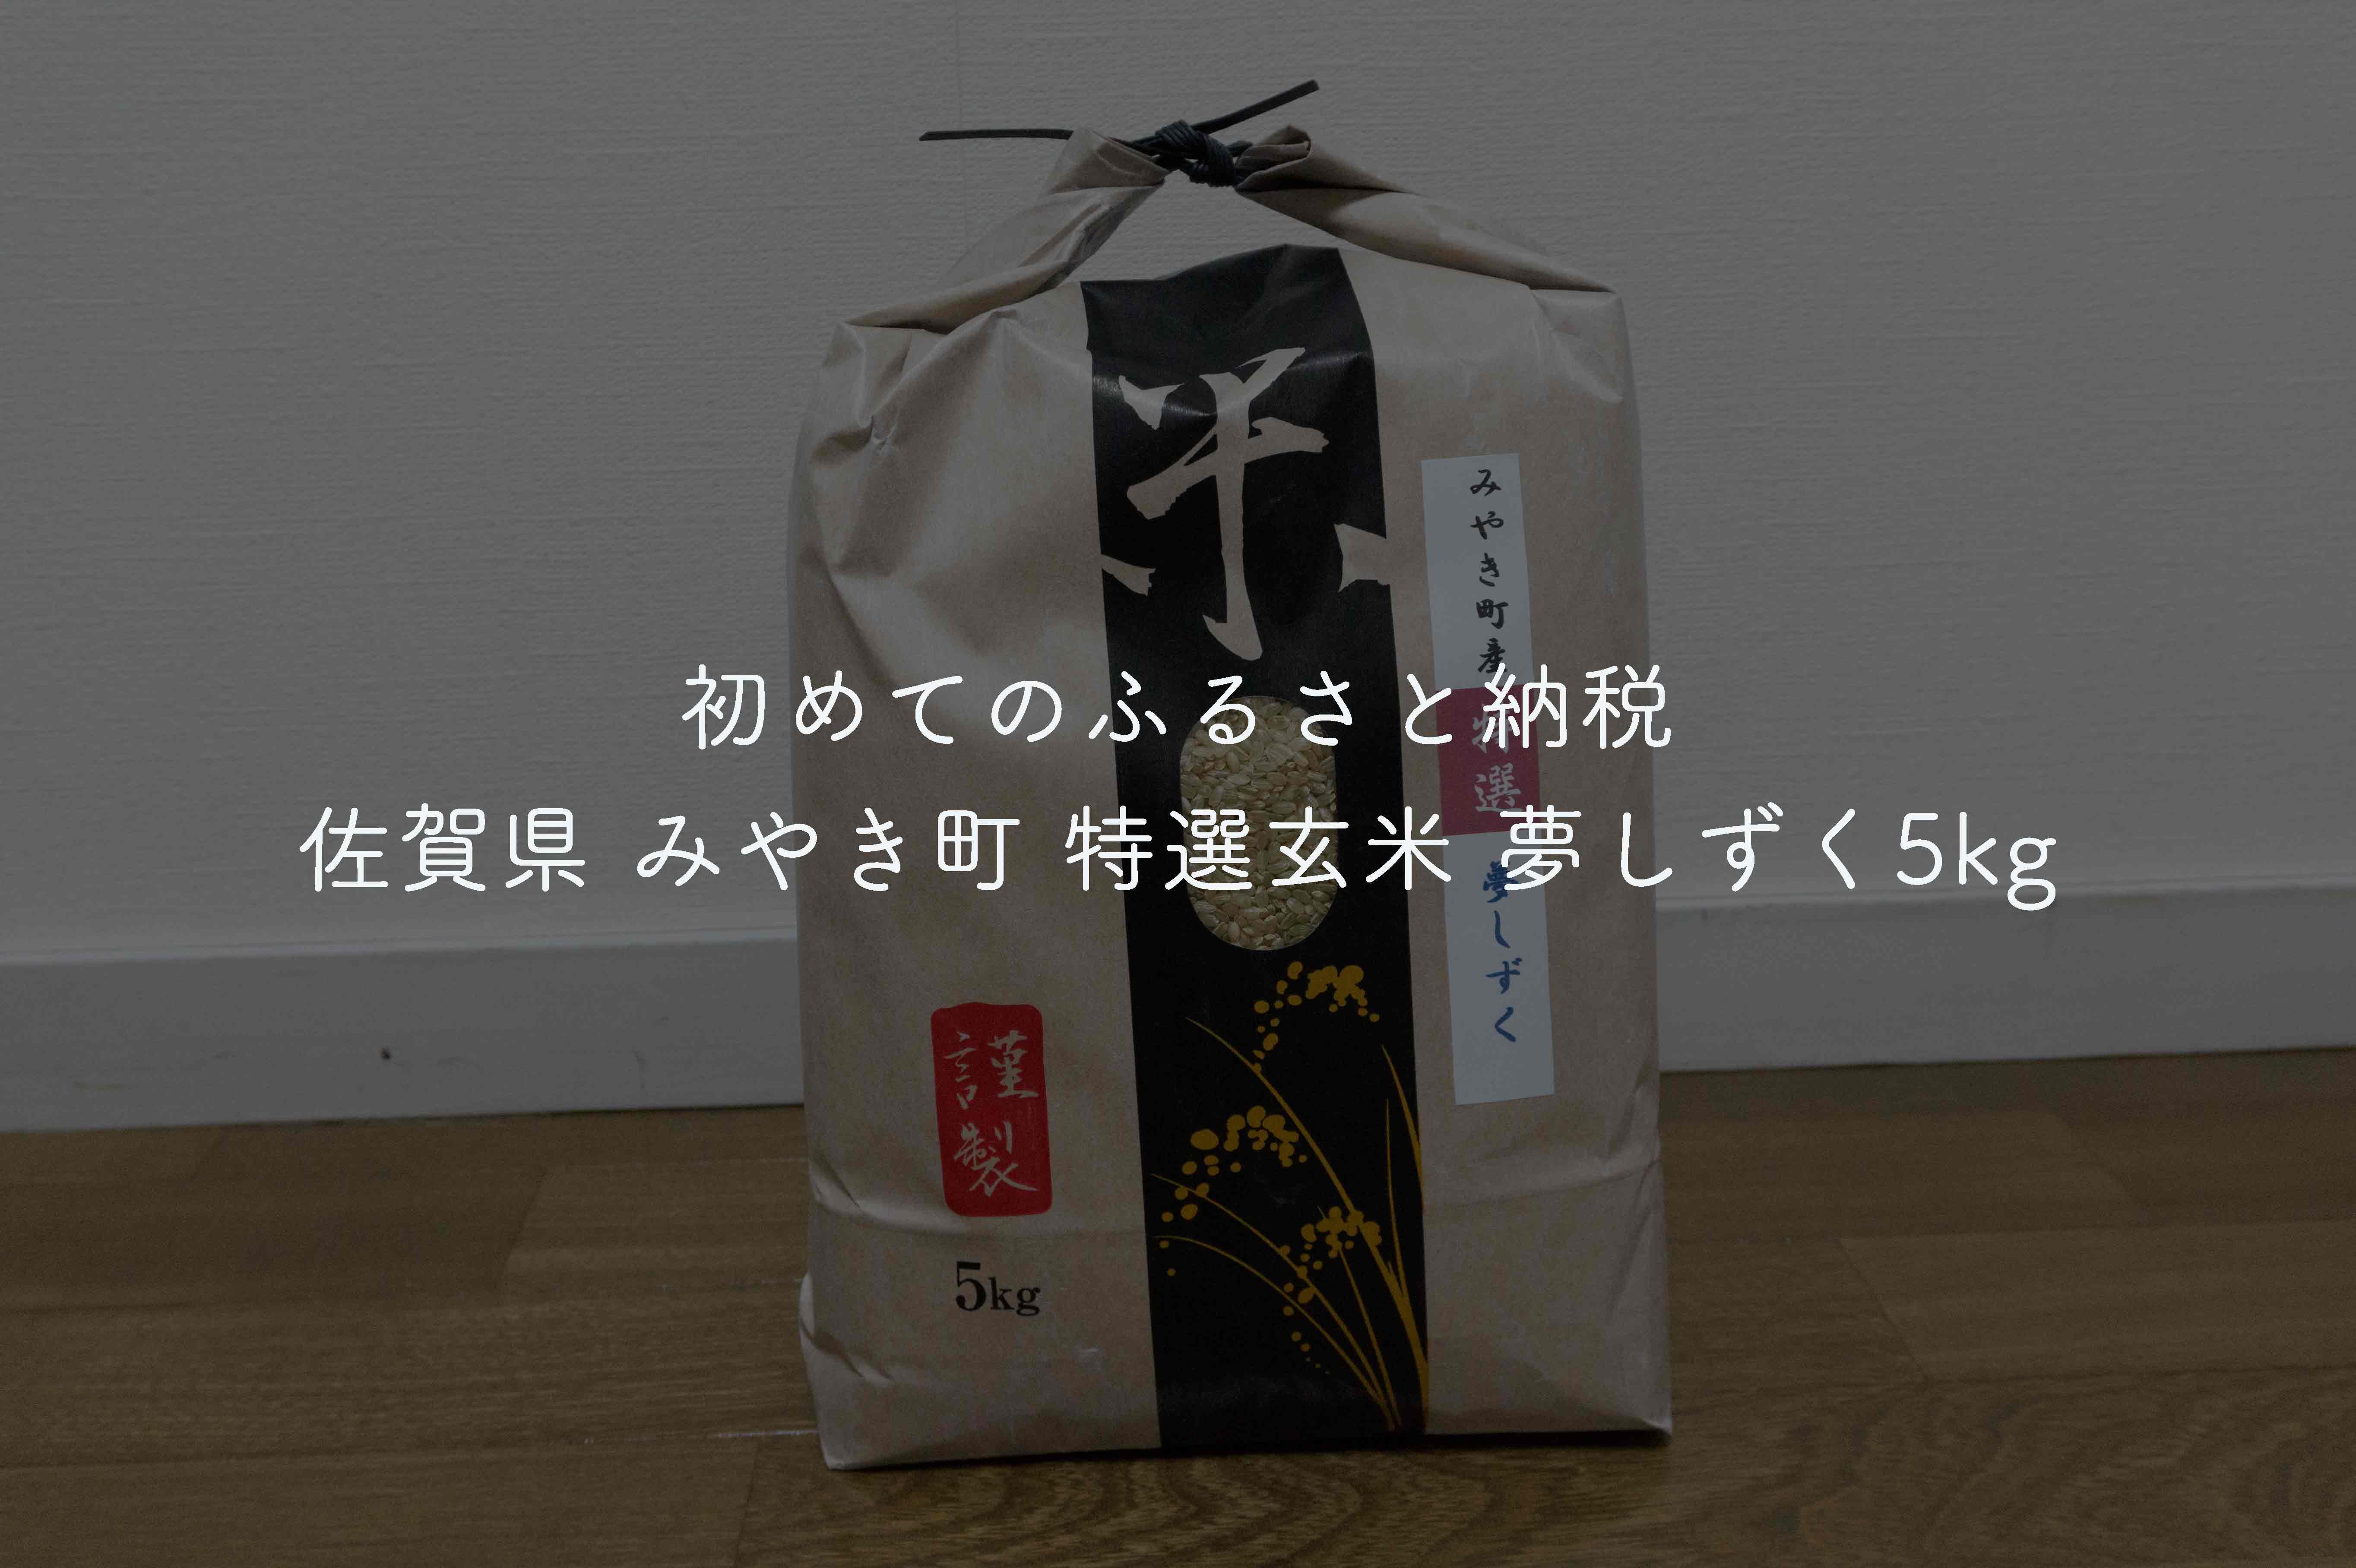 yumeshizuku